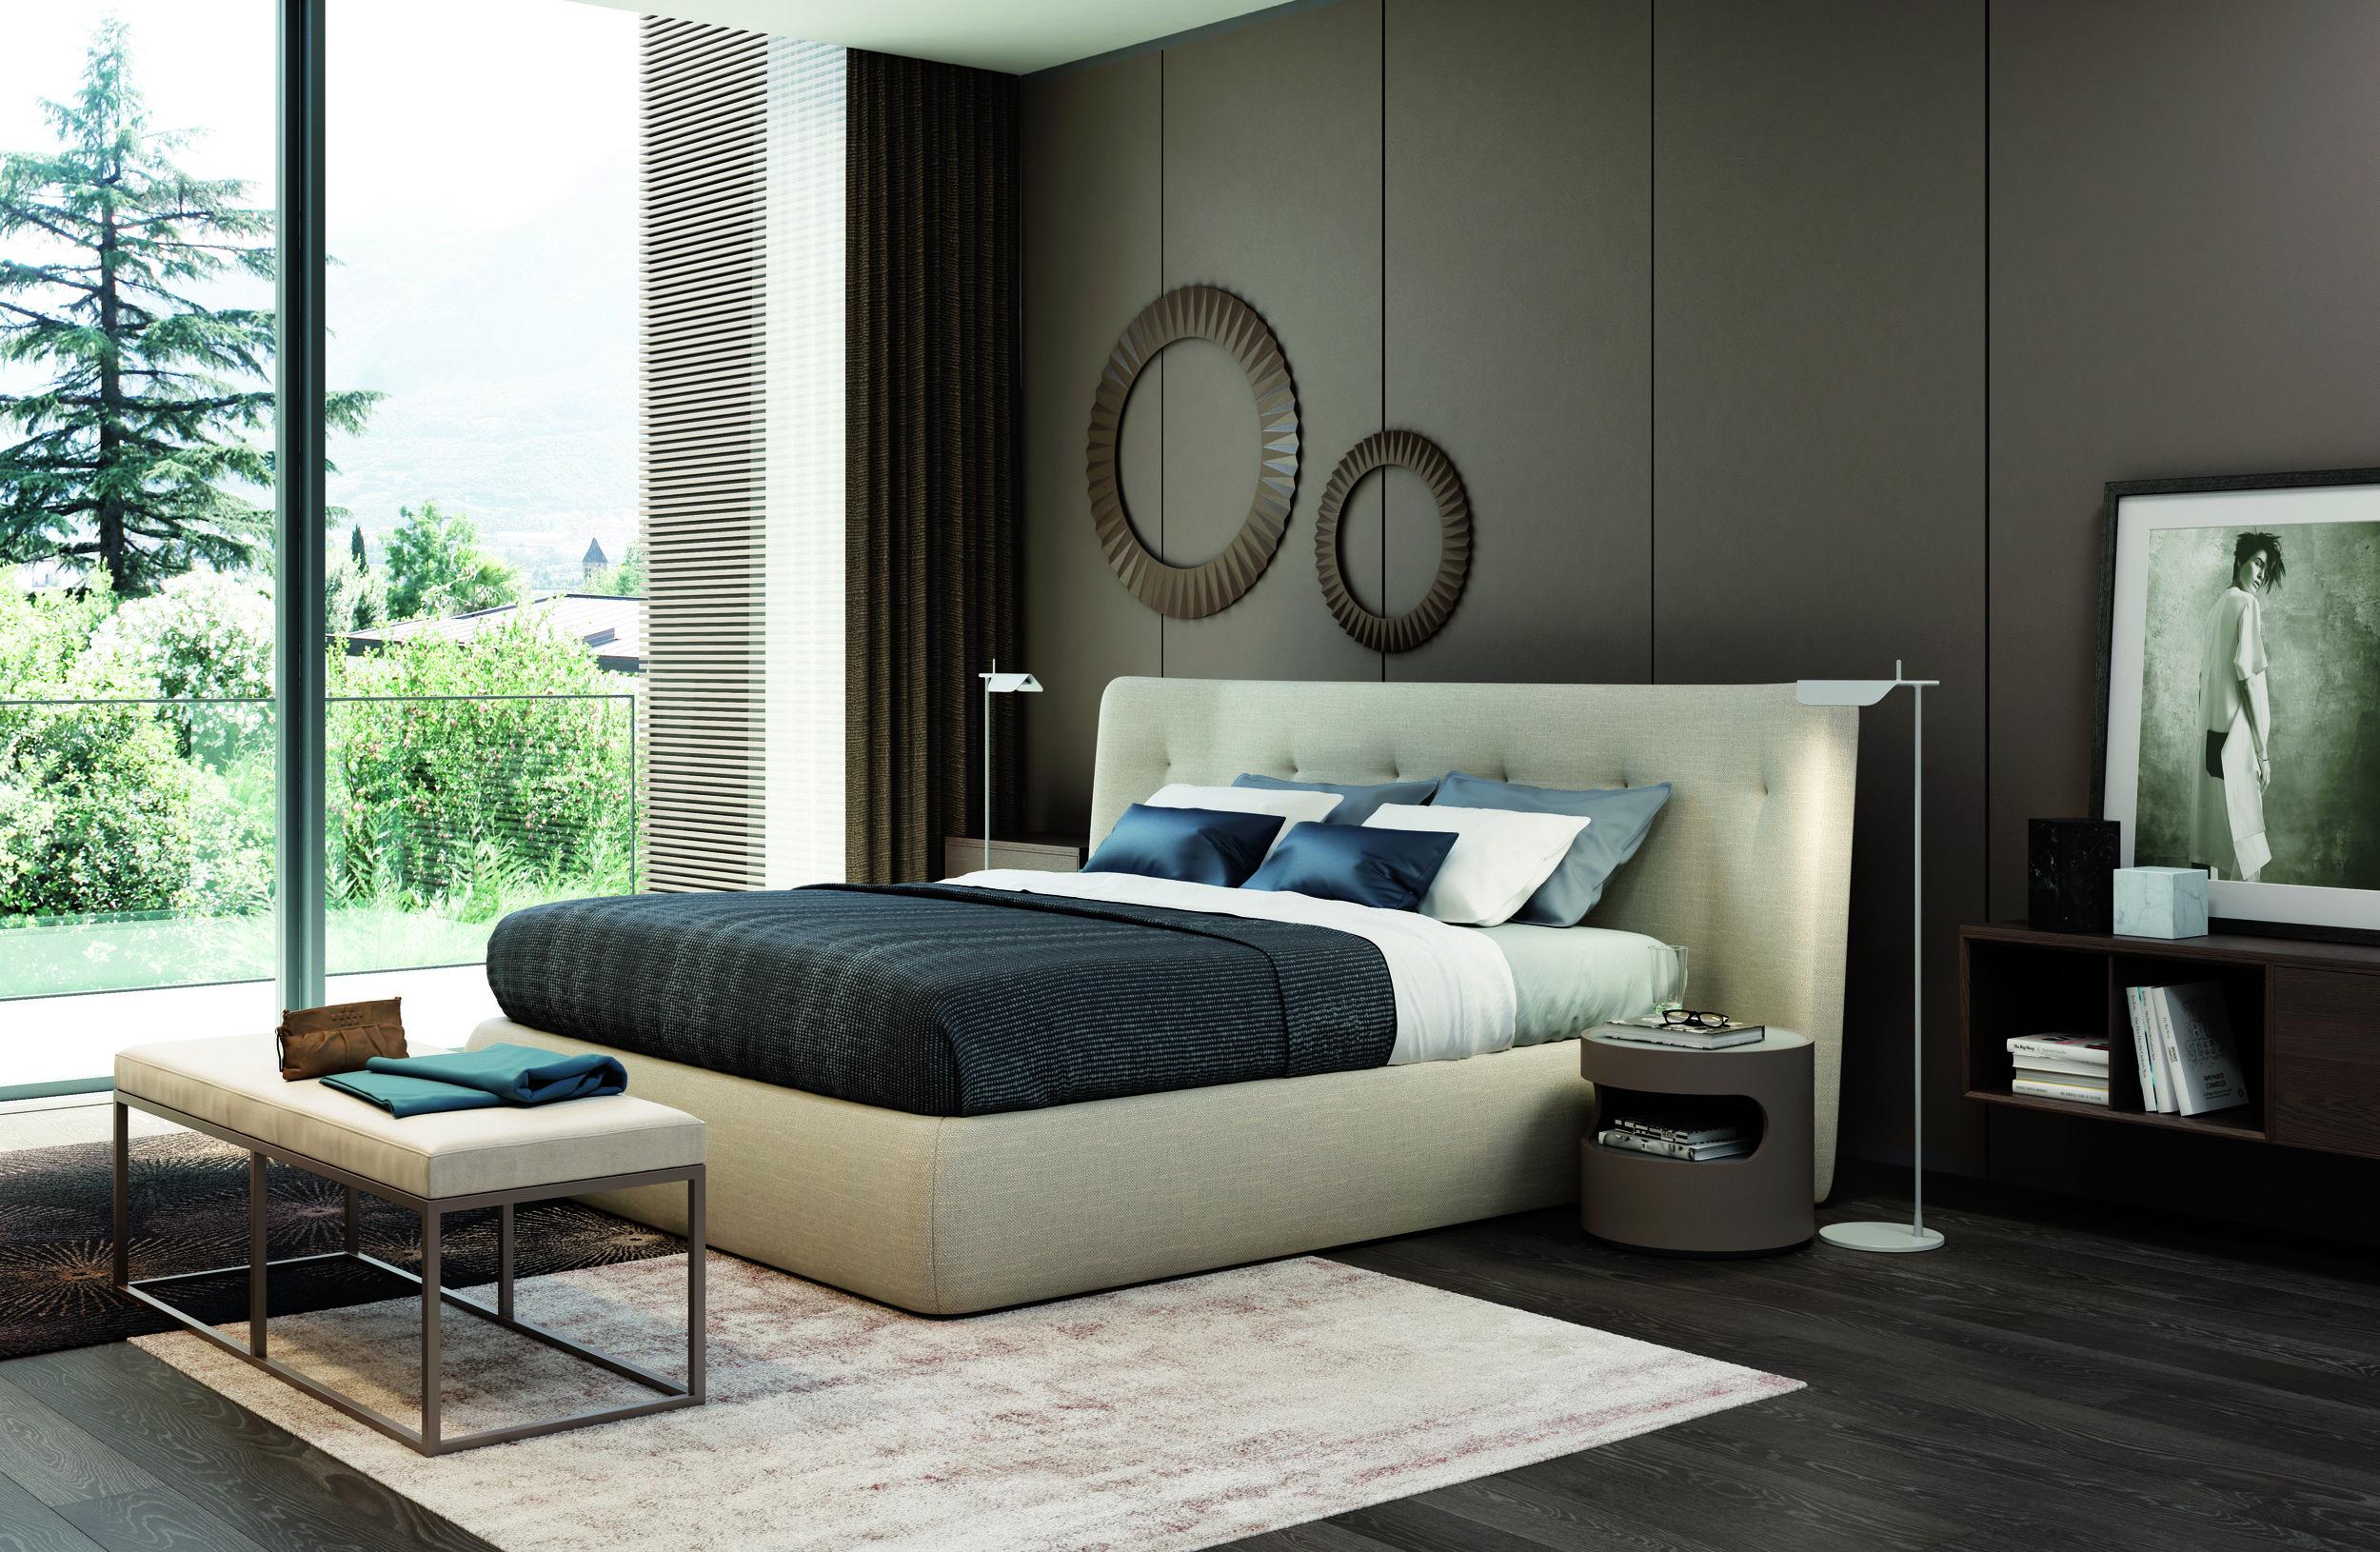 BDR 203 LH Modern Italian Beds